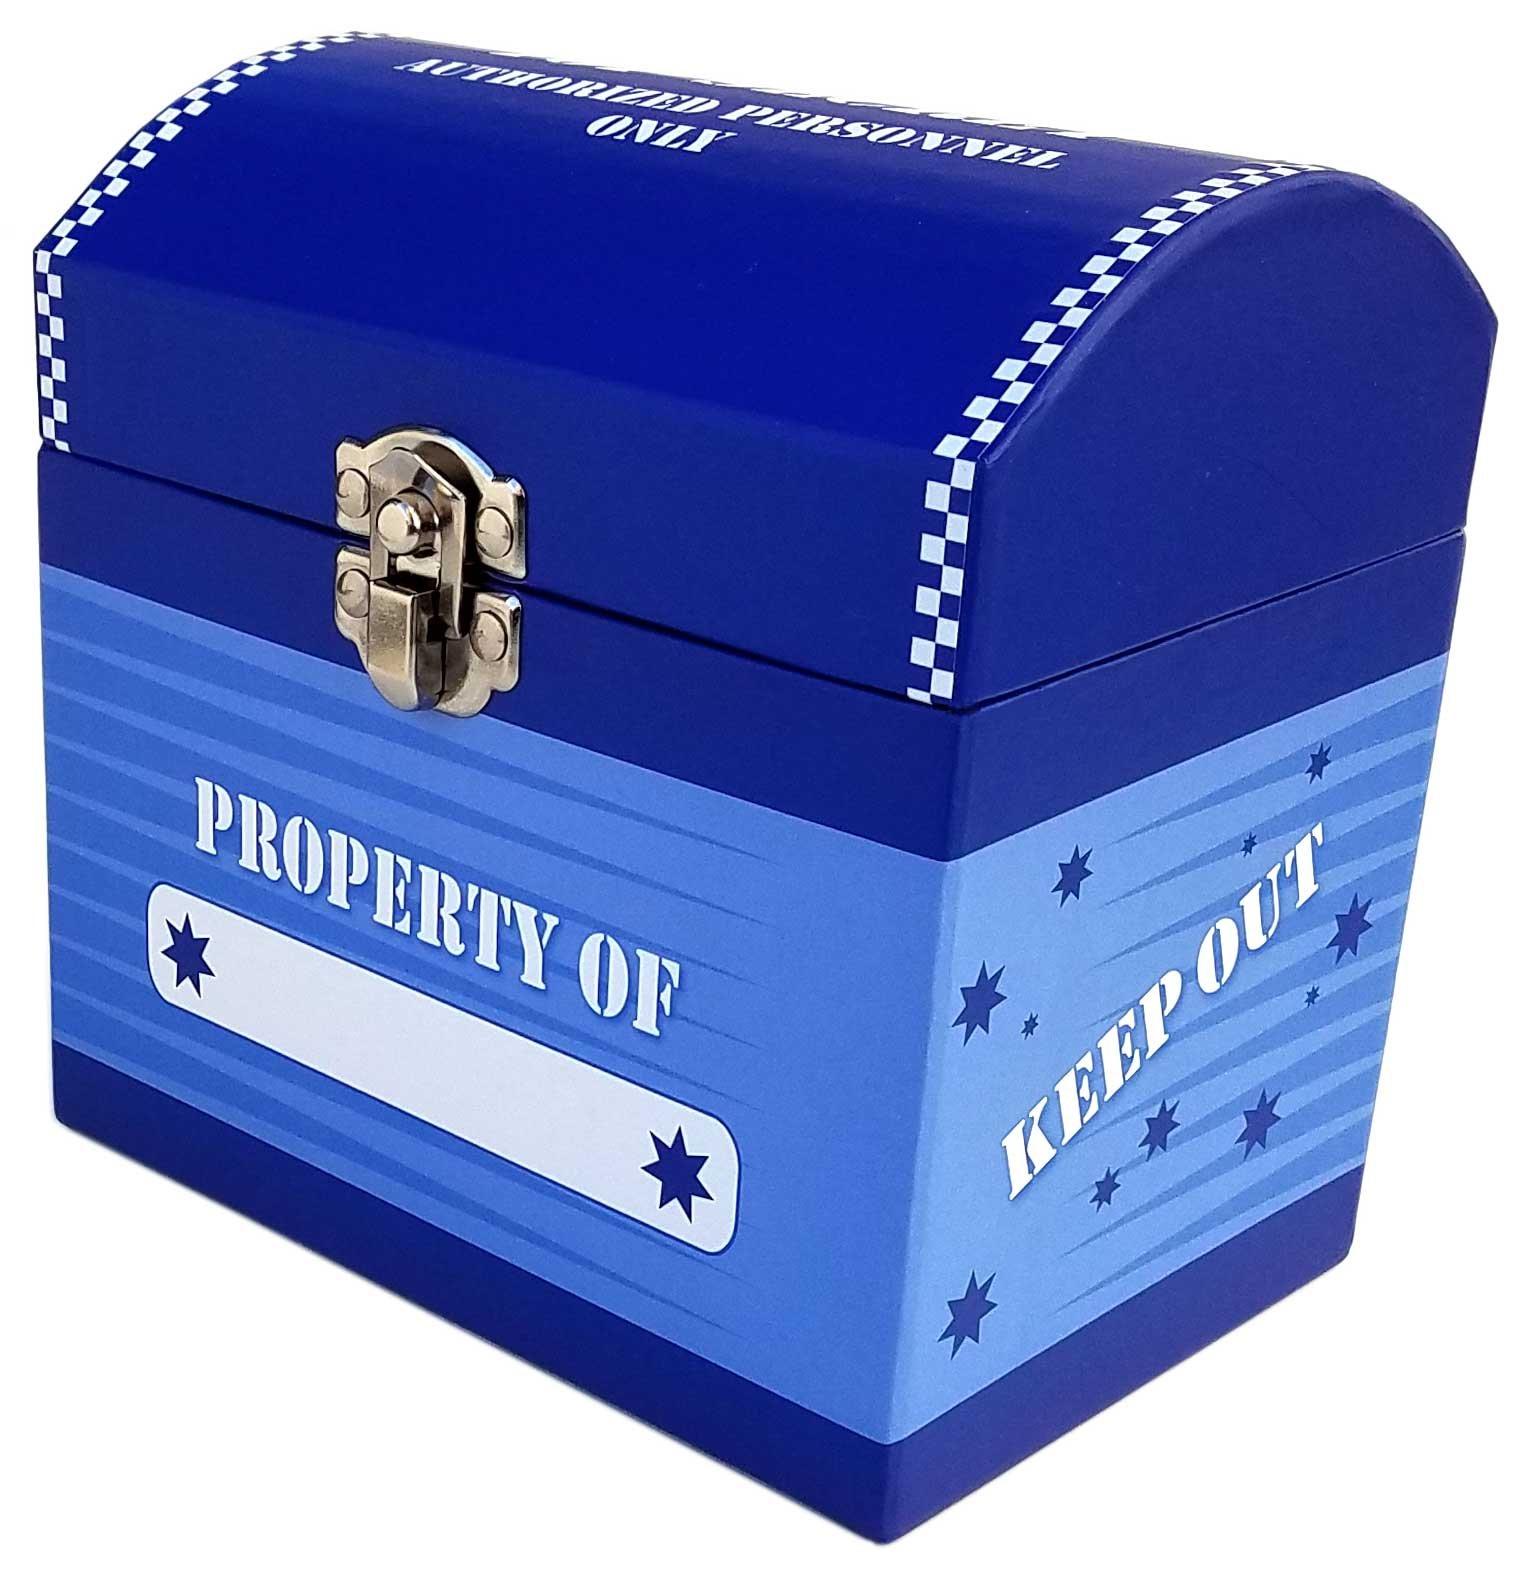 Boys Treasure Box Junior by My Tiny Treasures Box Co. (Image #2)